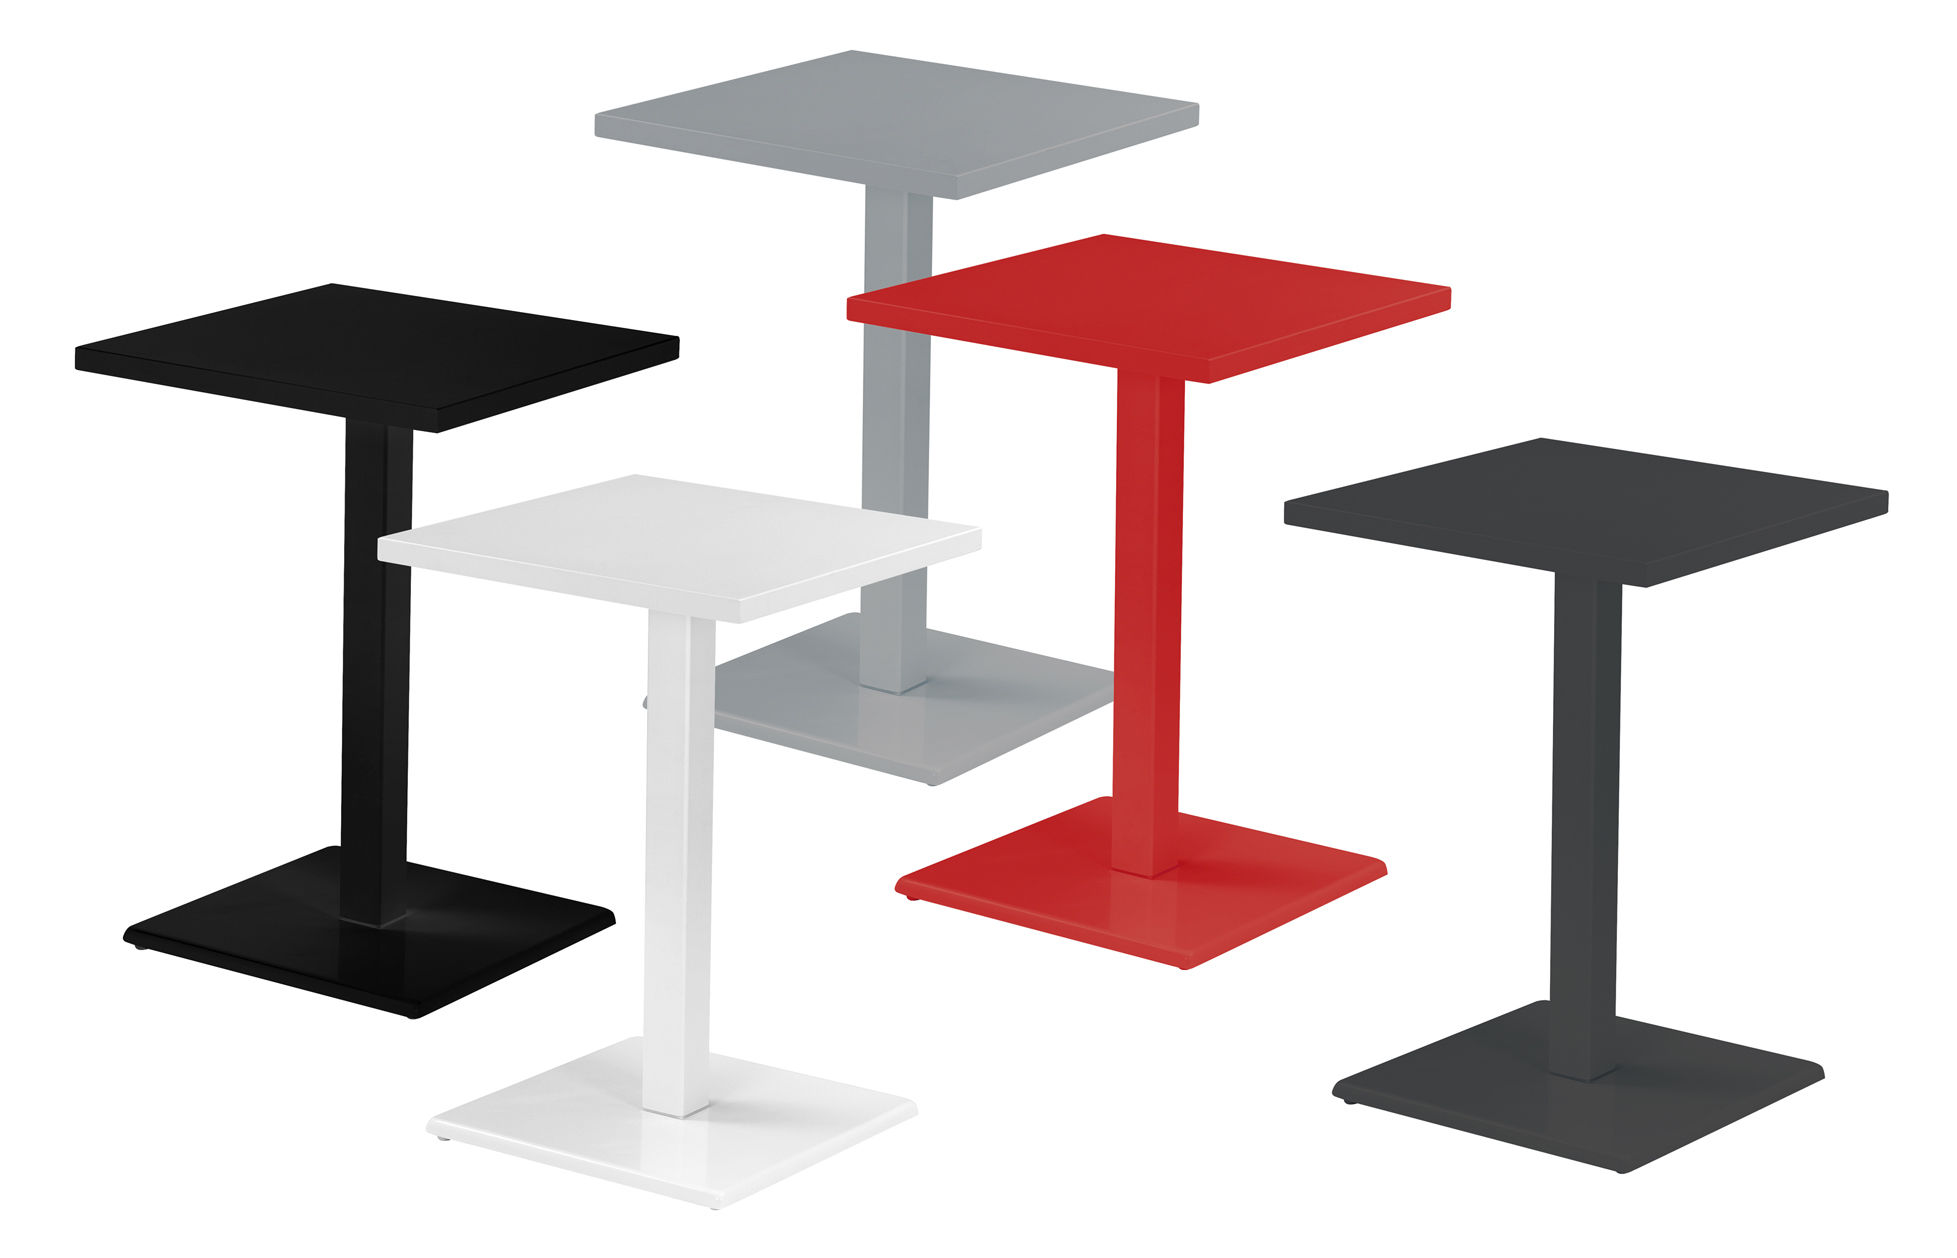 Tavoli Alti Bar : Tavolo bar alto round emu nero h made in design